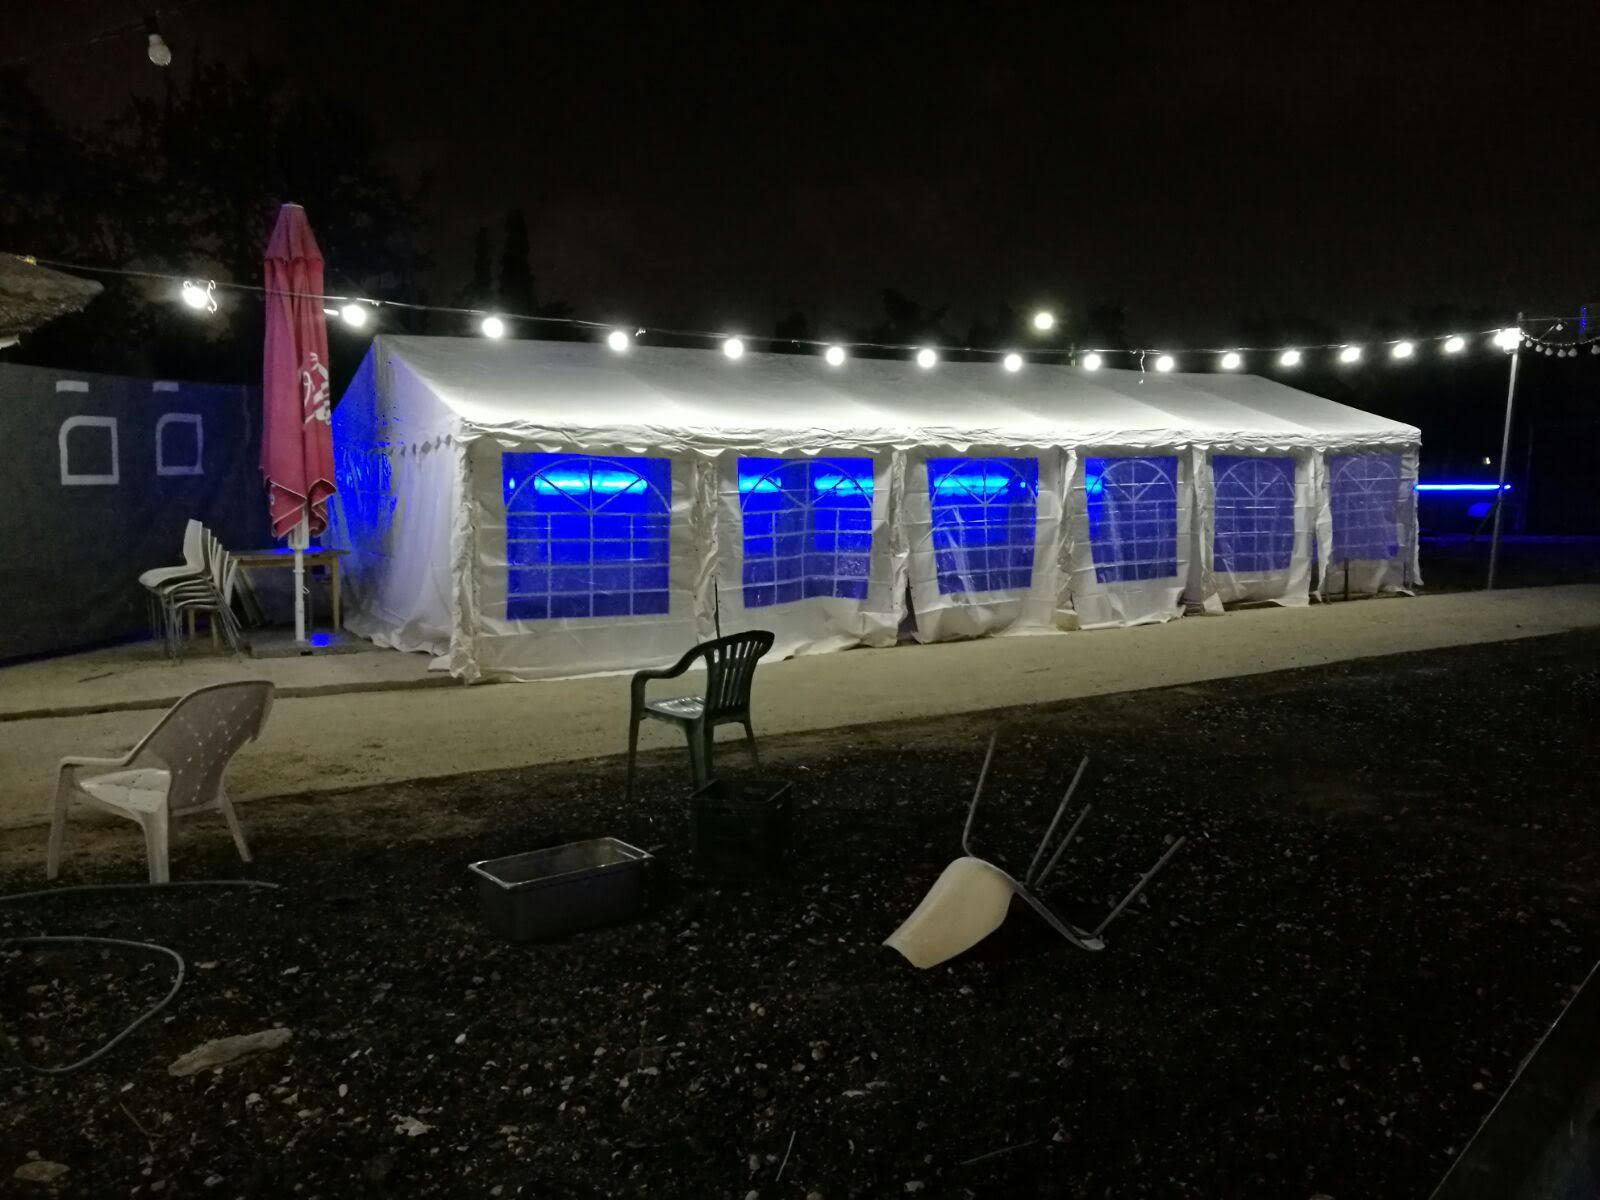 אוהלי נועם השכרת אוהל לאירועים